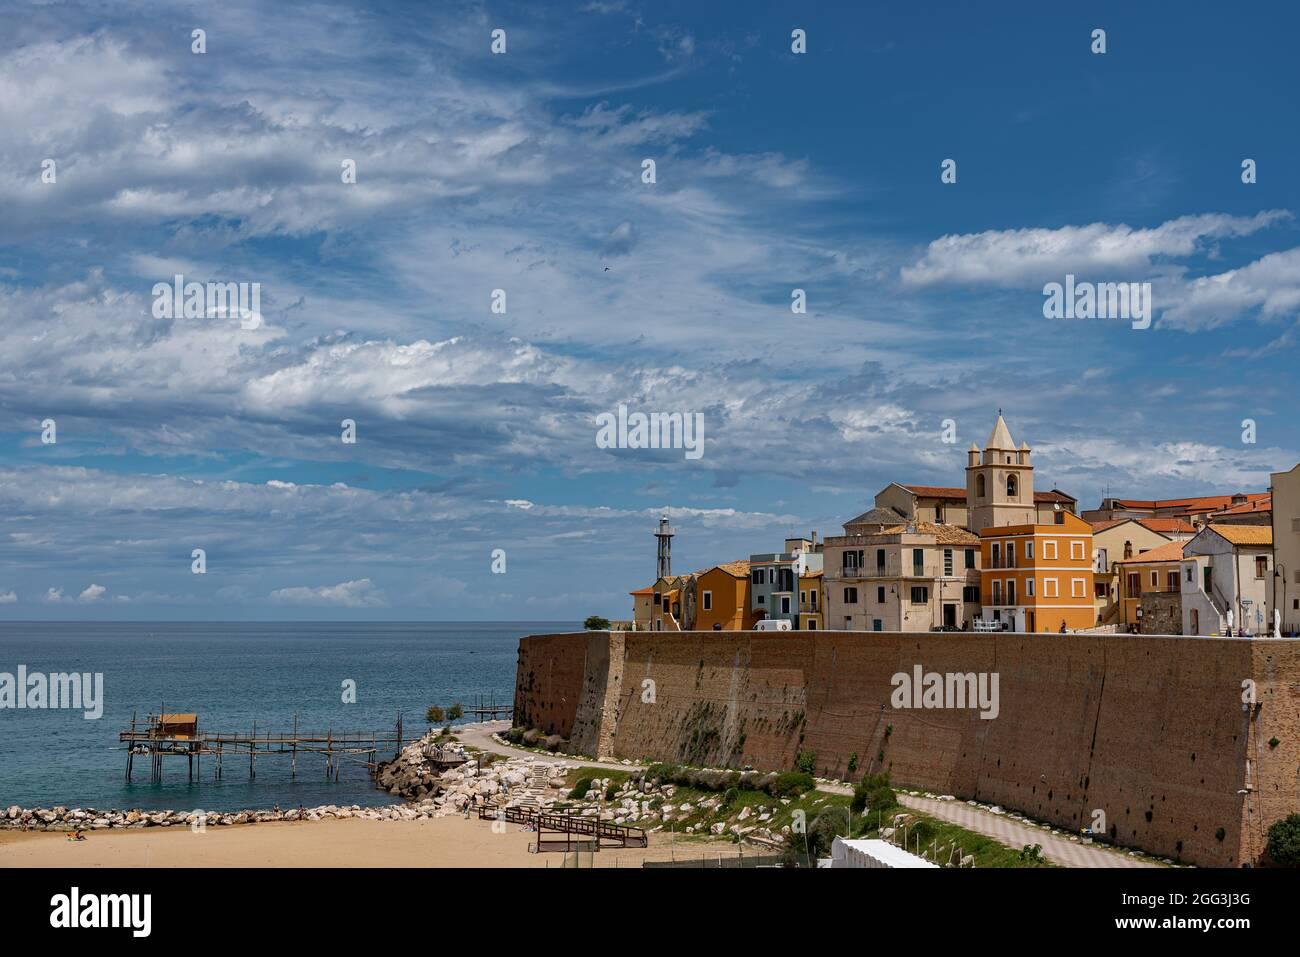 Termoli. Einblicke in die Altstadt. Termoli ist eine italienische Stadt mit  32 953 Einwohnern in der Provinz Campobasso in Molise. Termoli liegt  entlang Stockfotografie - Alamy